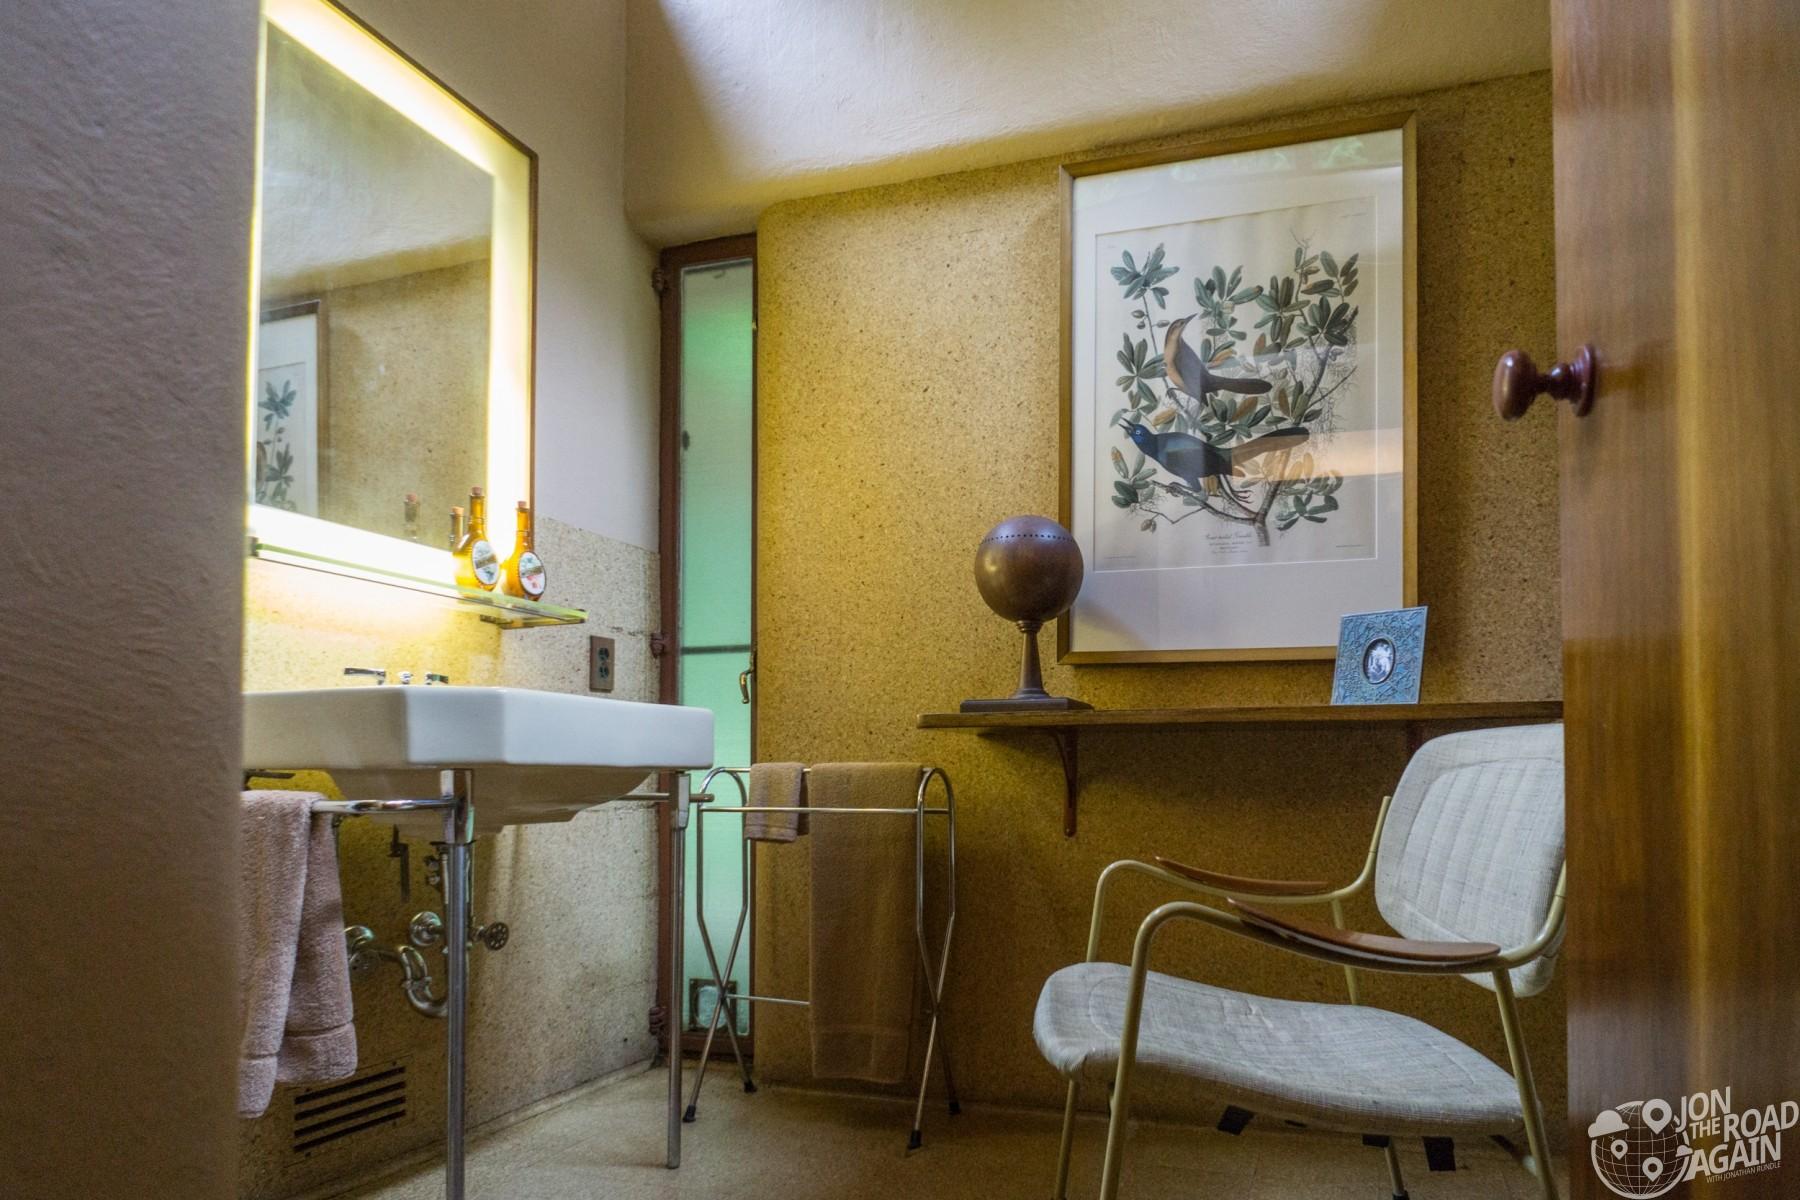 Fallingwater guest bathroom